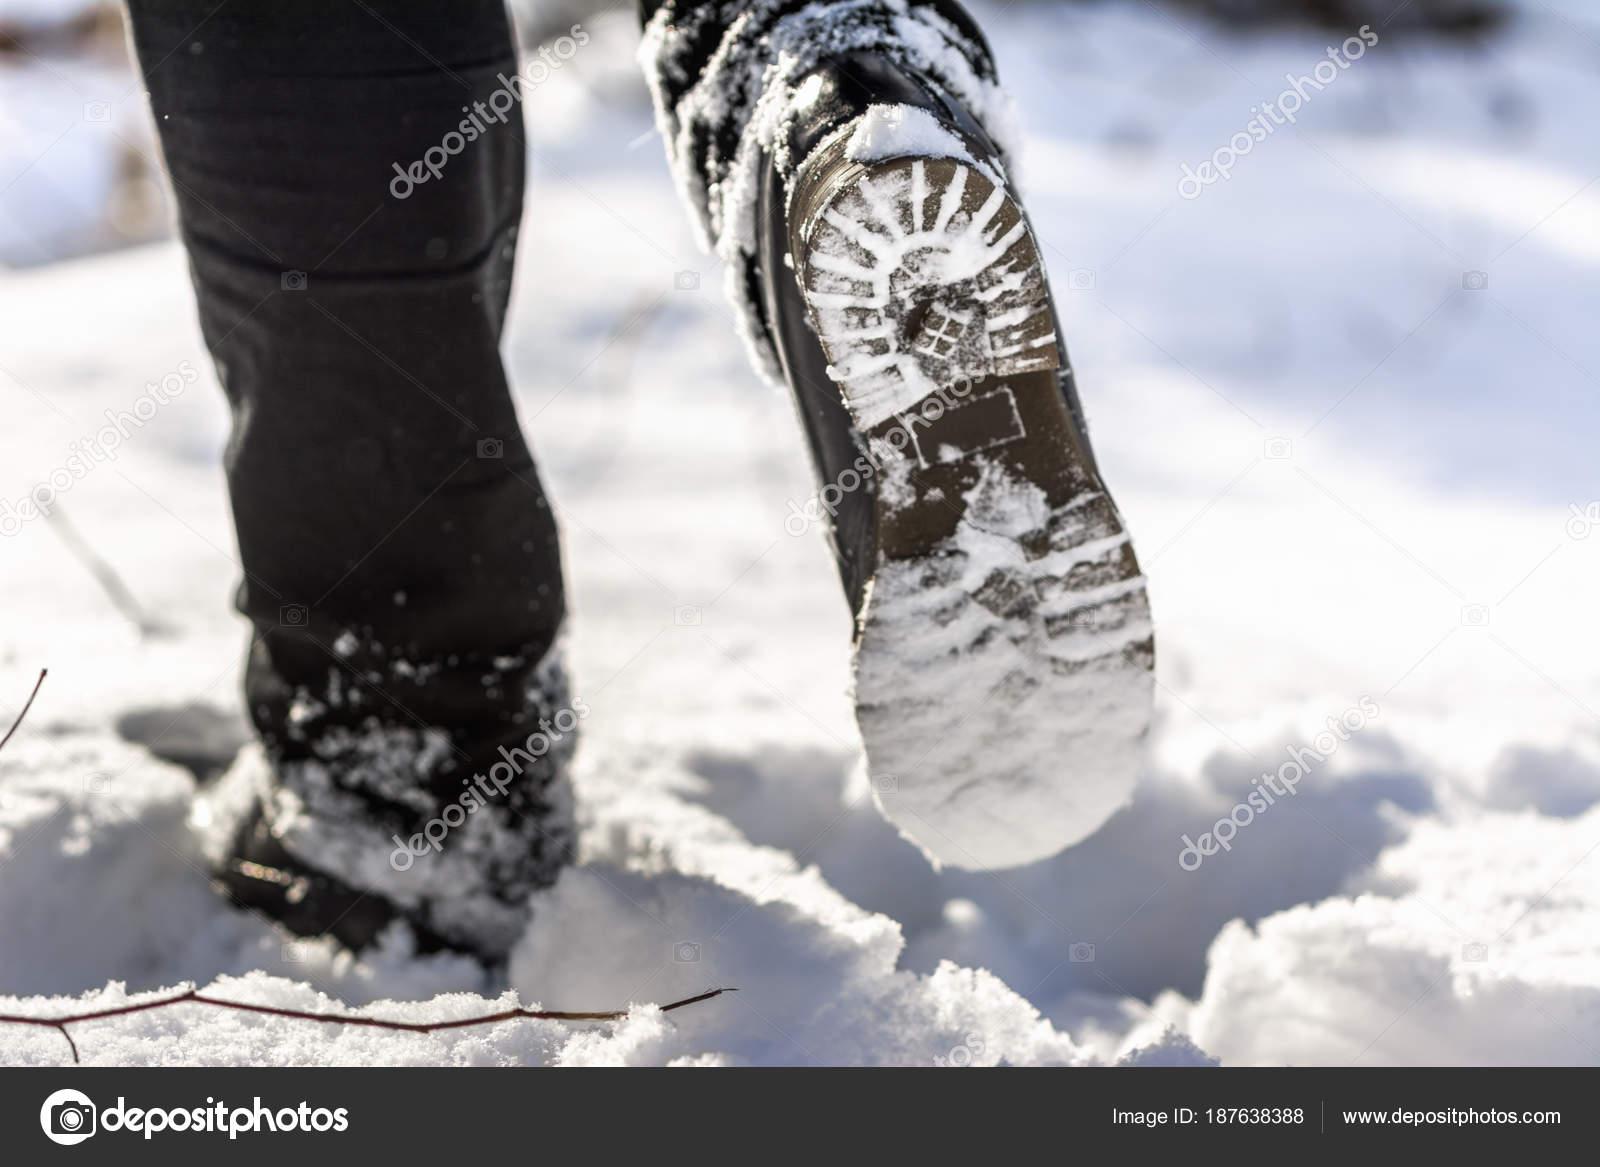 6cc28377ca Personne avec des bottes de neige, semelle de chaussure de randonnée —  Image de ...